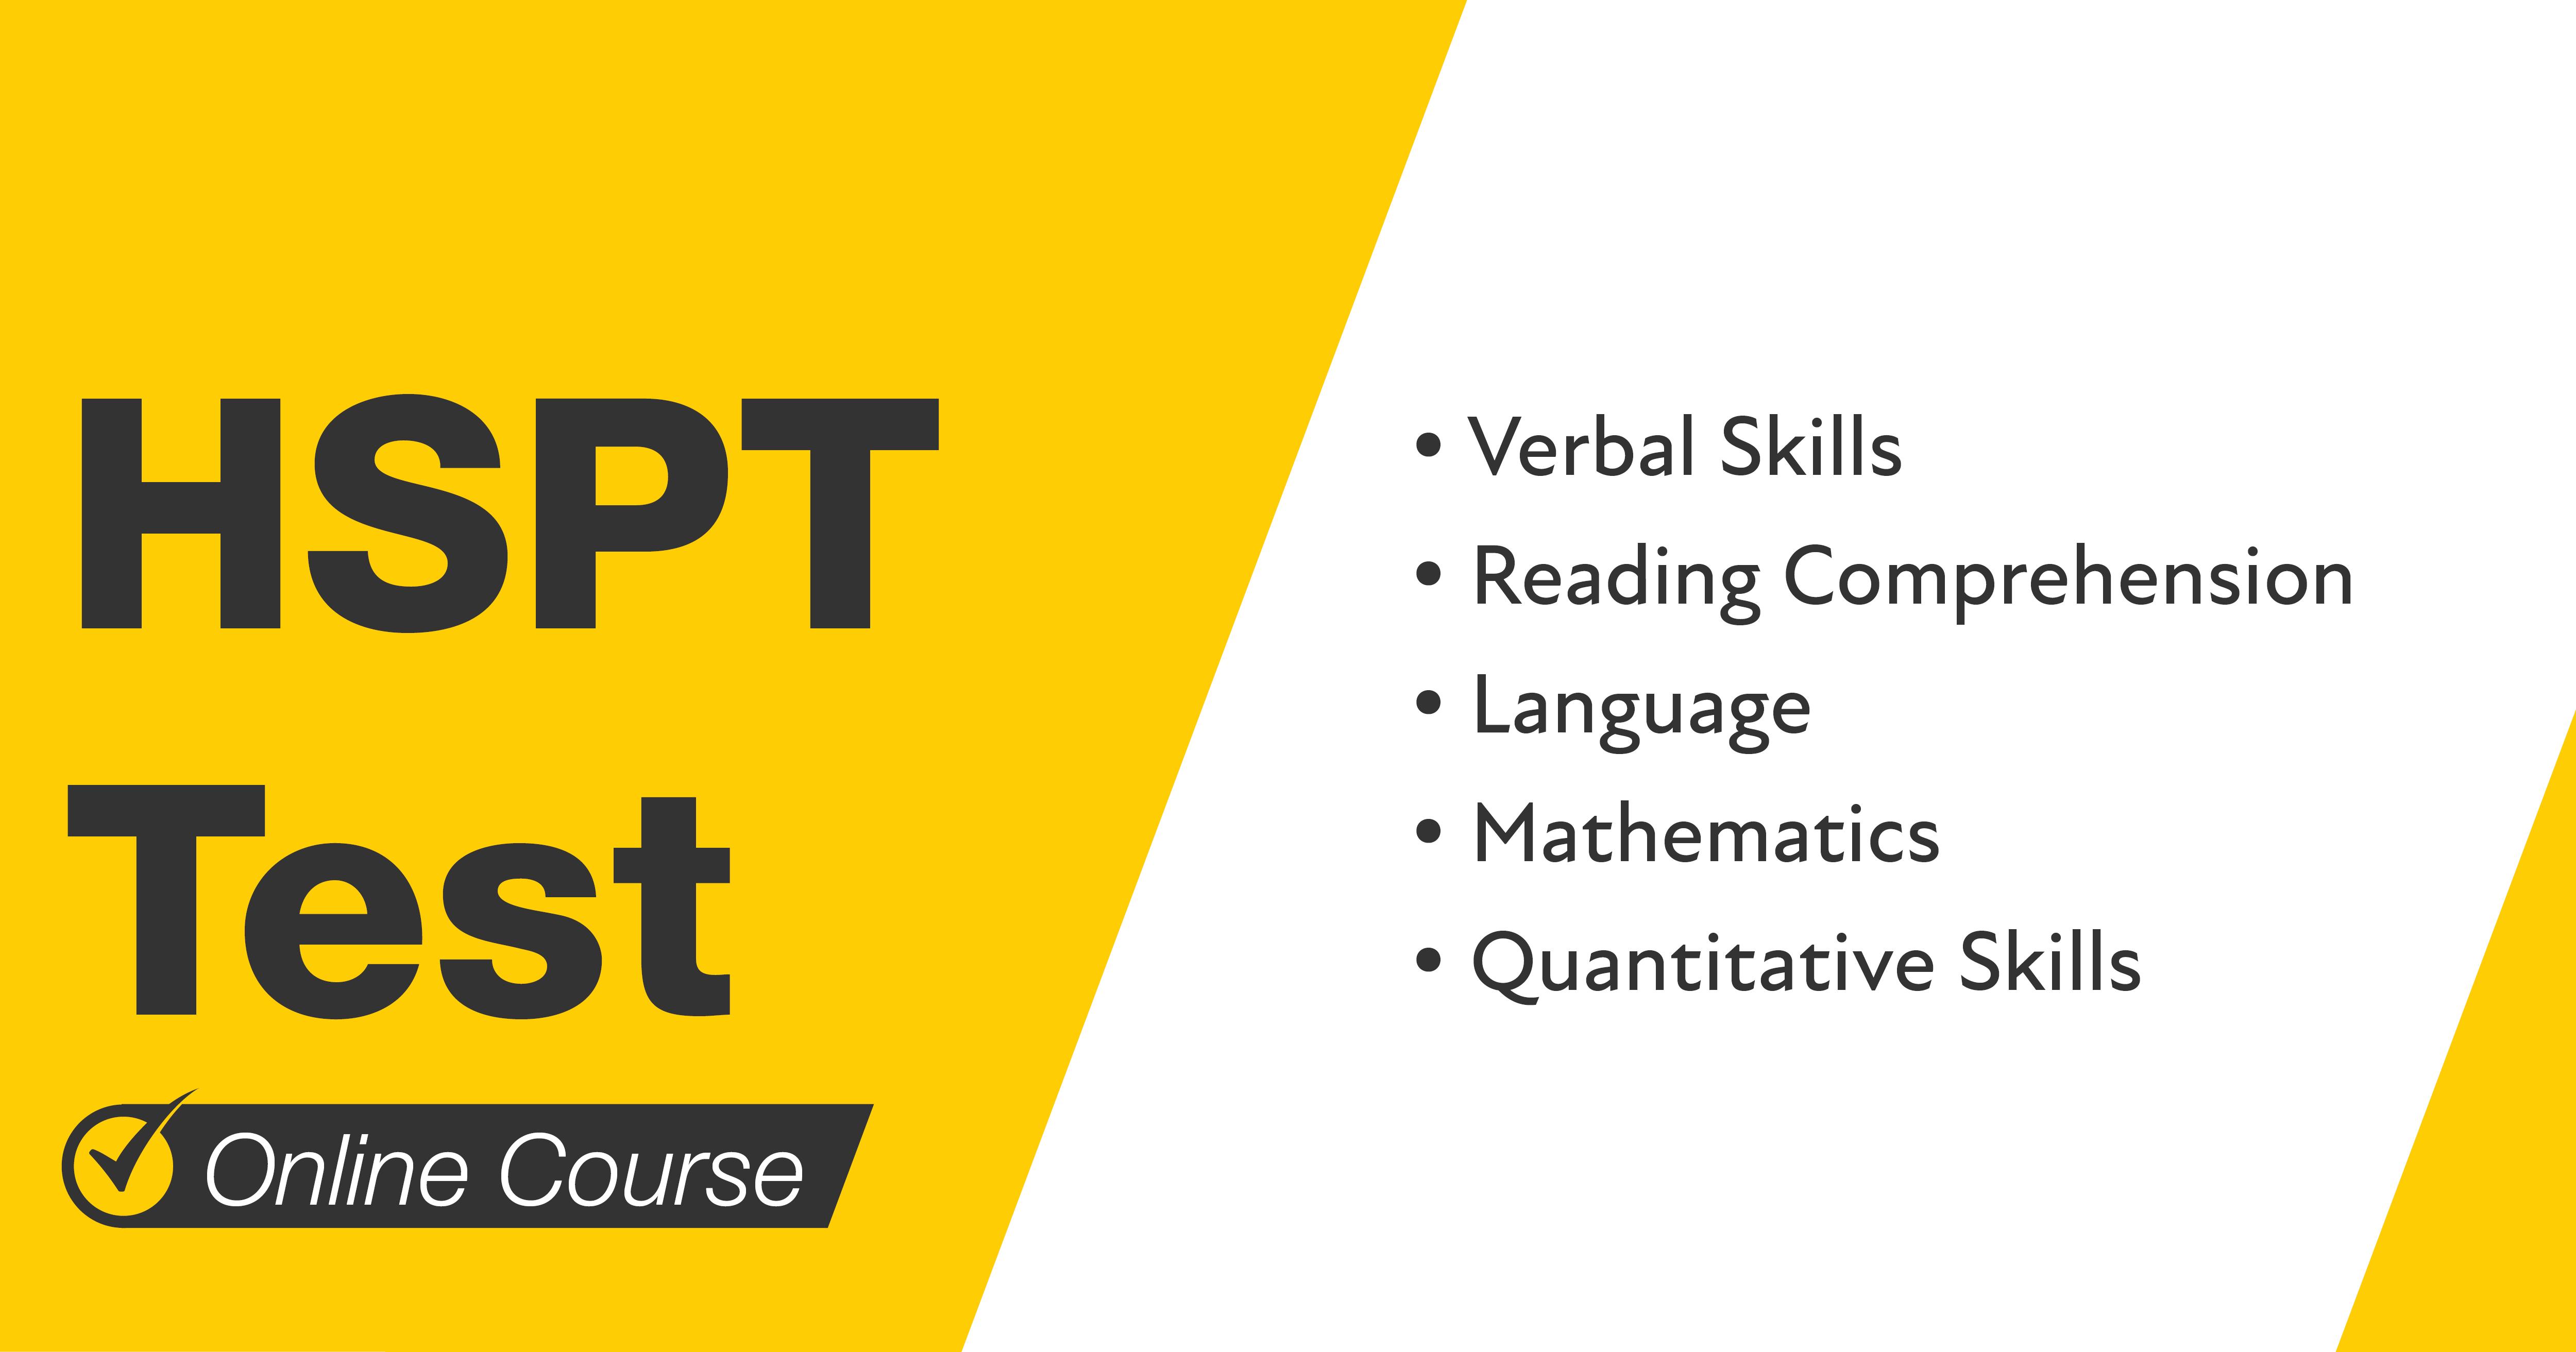 Mometrix HSPT Test Course